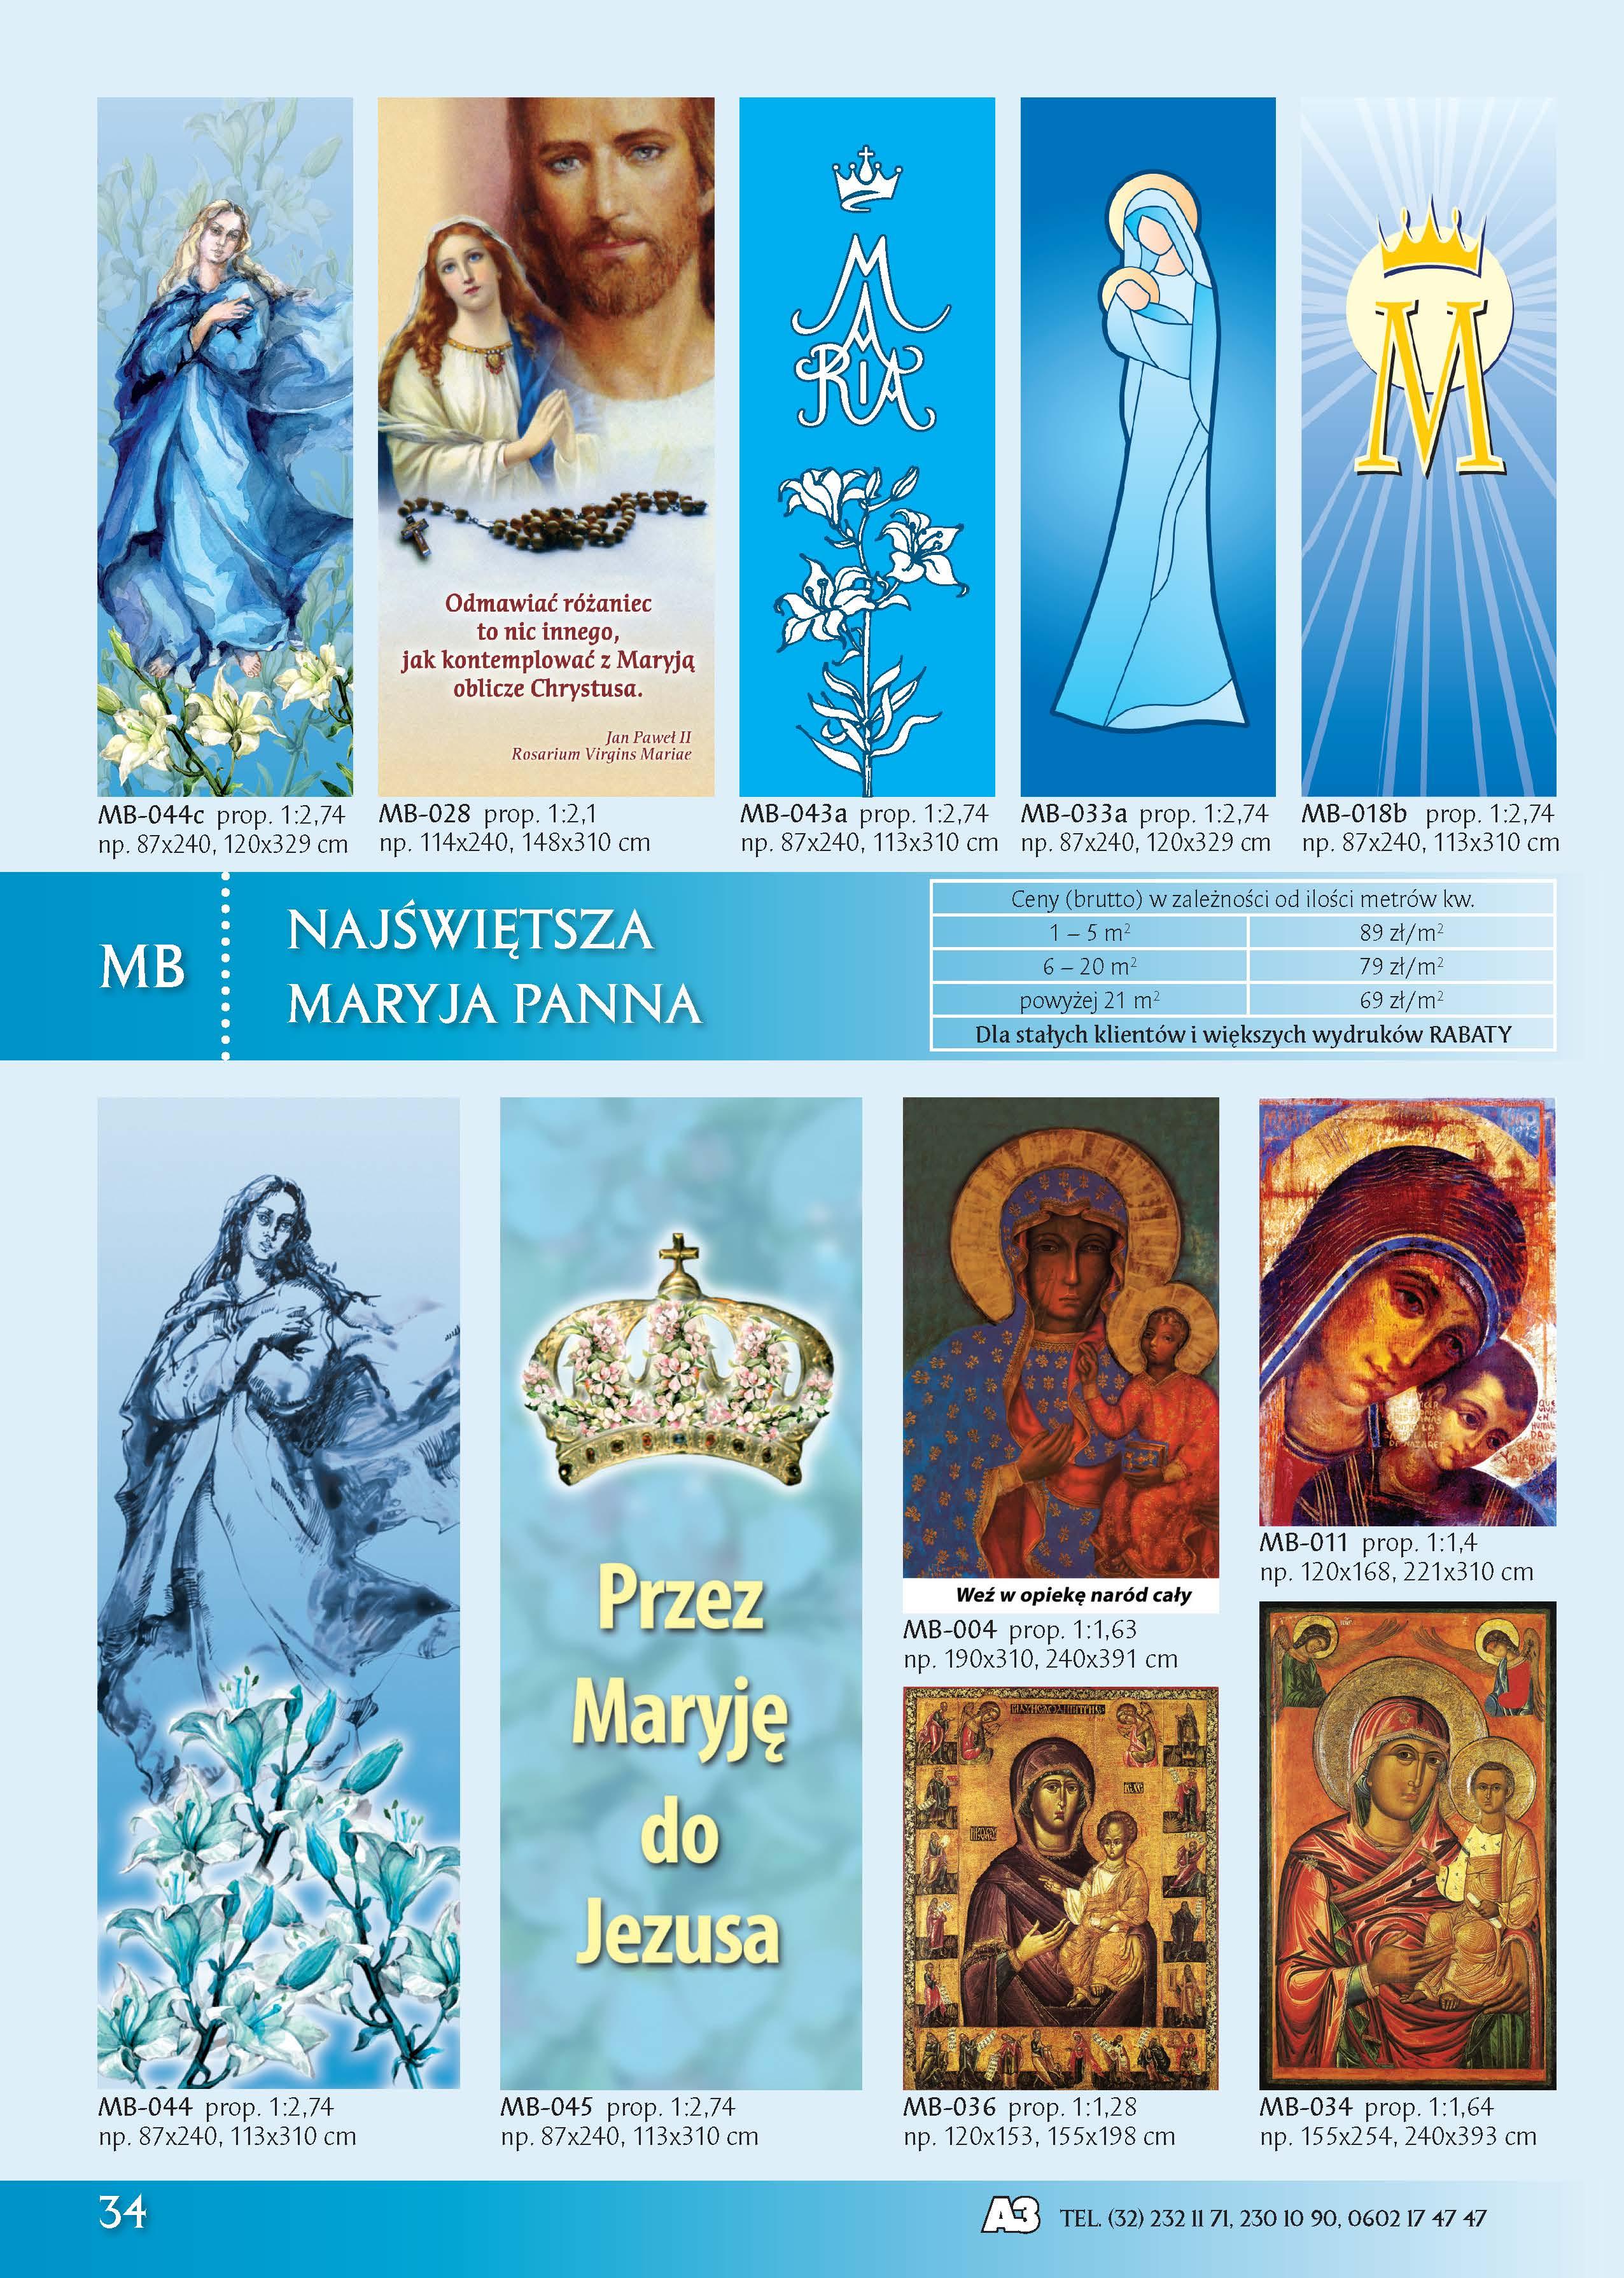 Banery z Najświętszą Maryją Panną